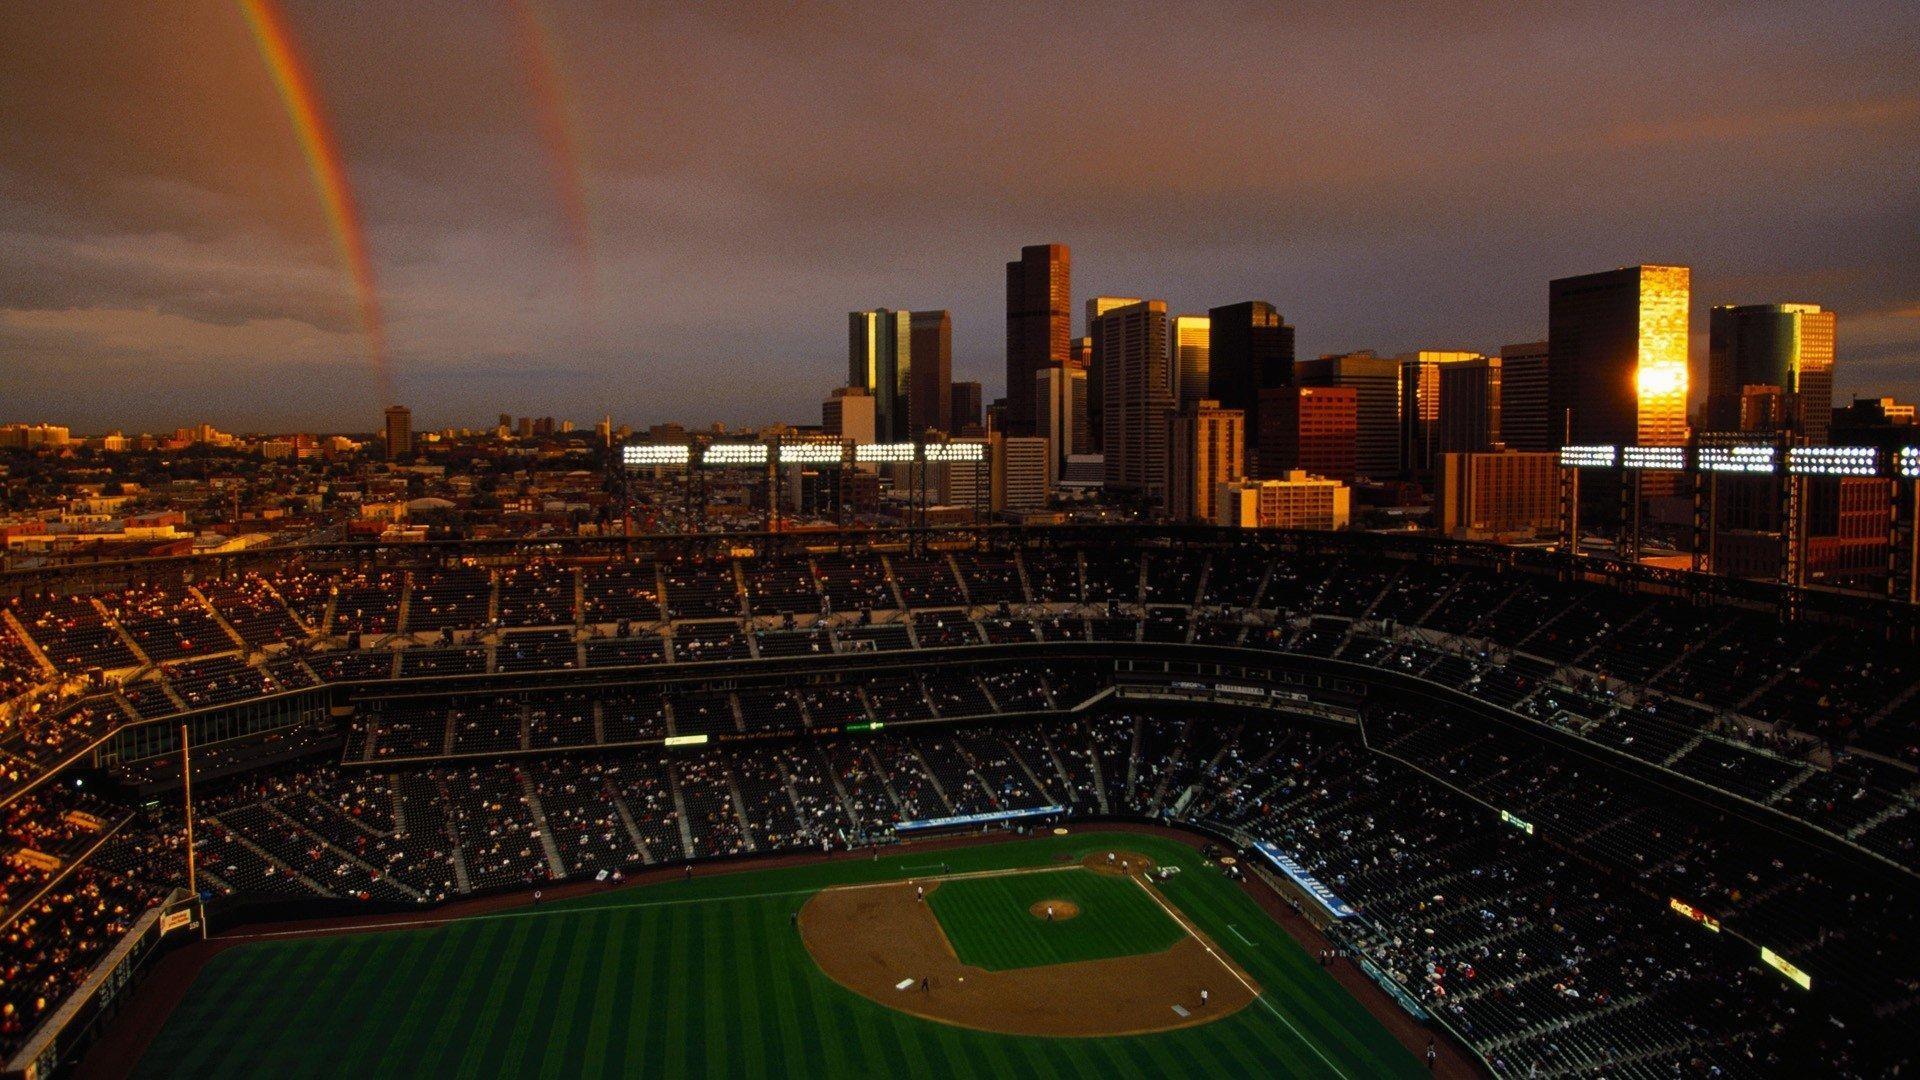 wallpaper.wiki-Baseball-Stadium-Wallpaper-for-PC-PIC-